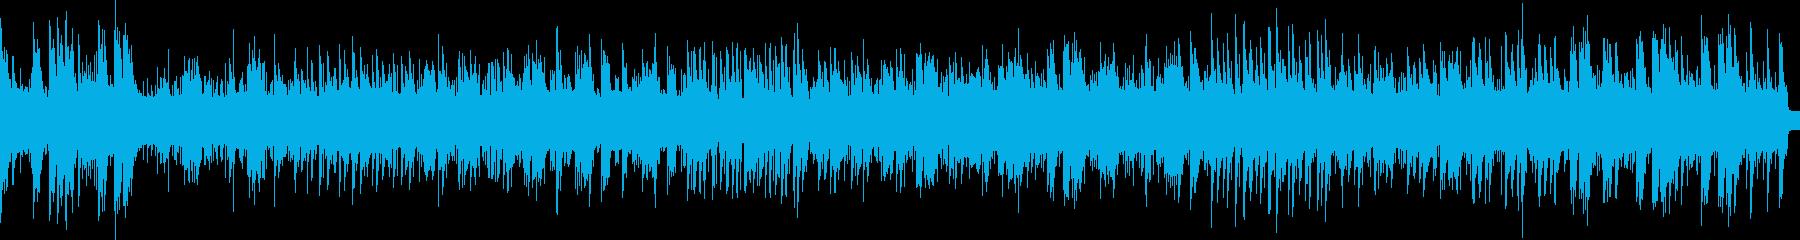 8bit 爽快スペースファンタジー 宇宙の再生済みの波形